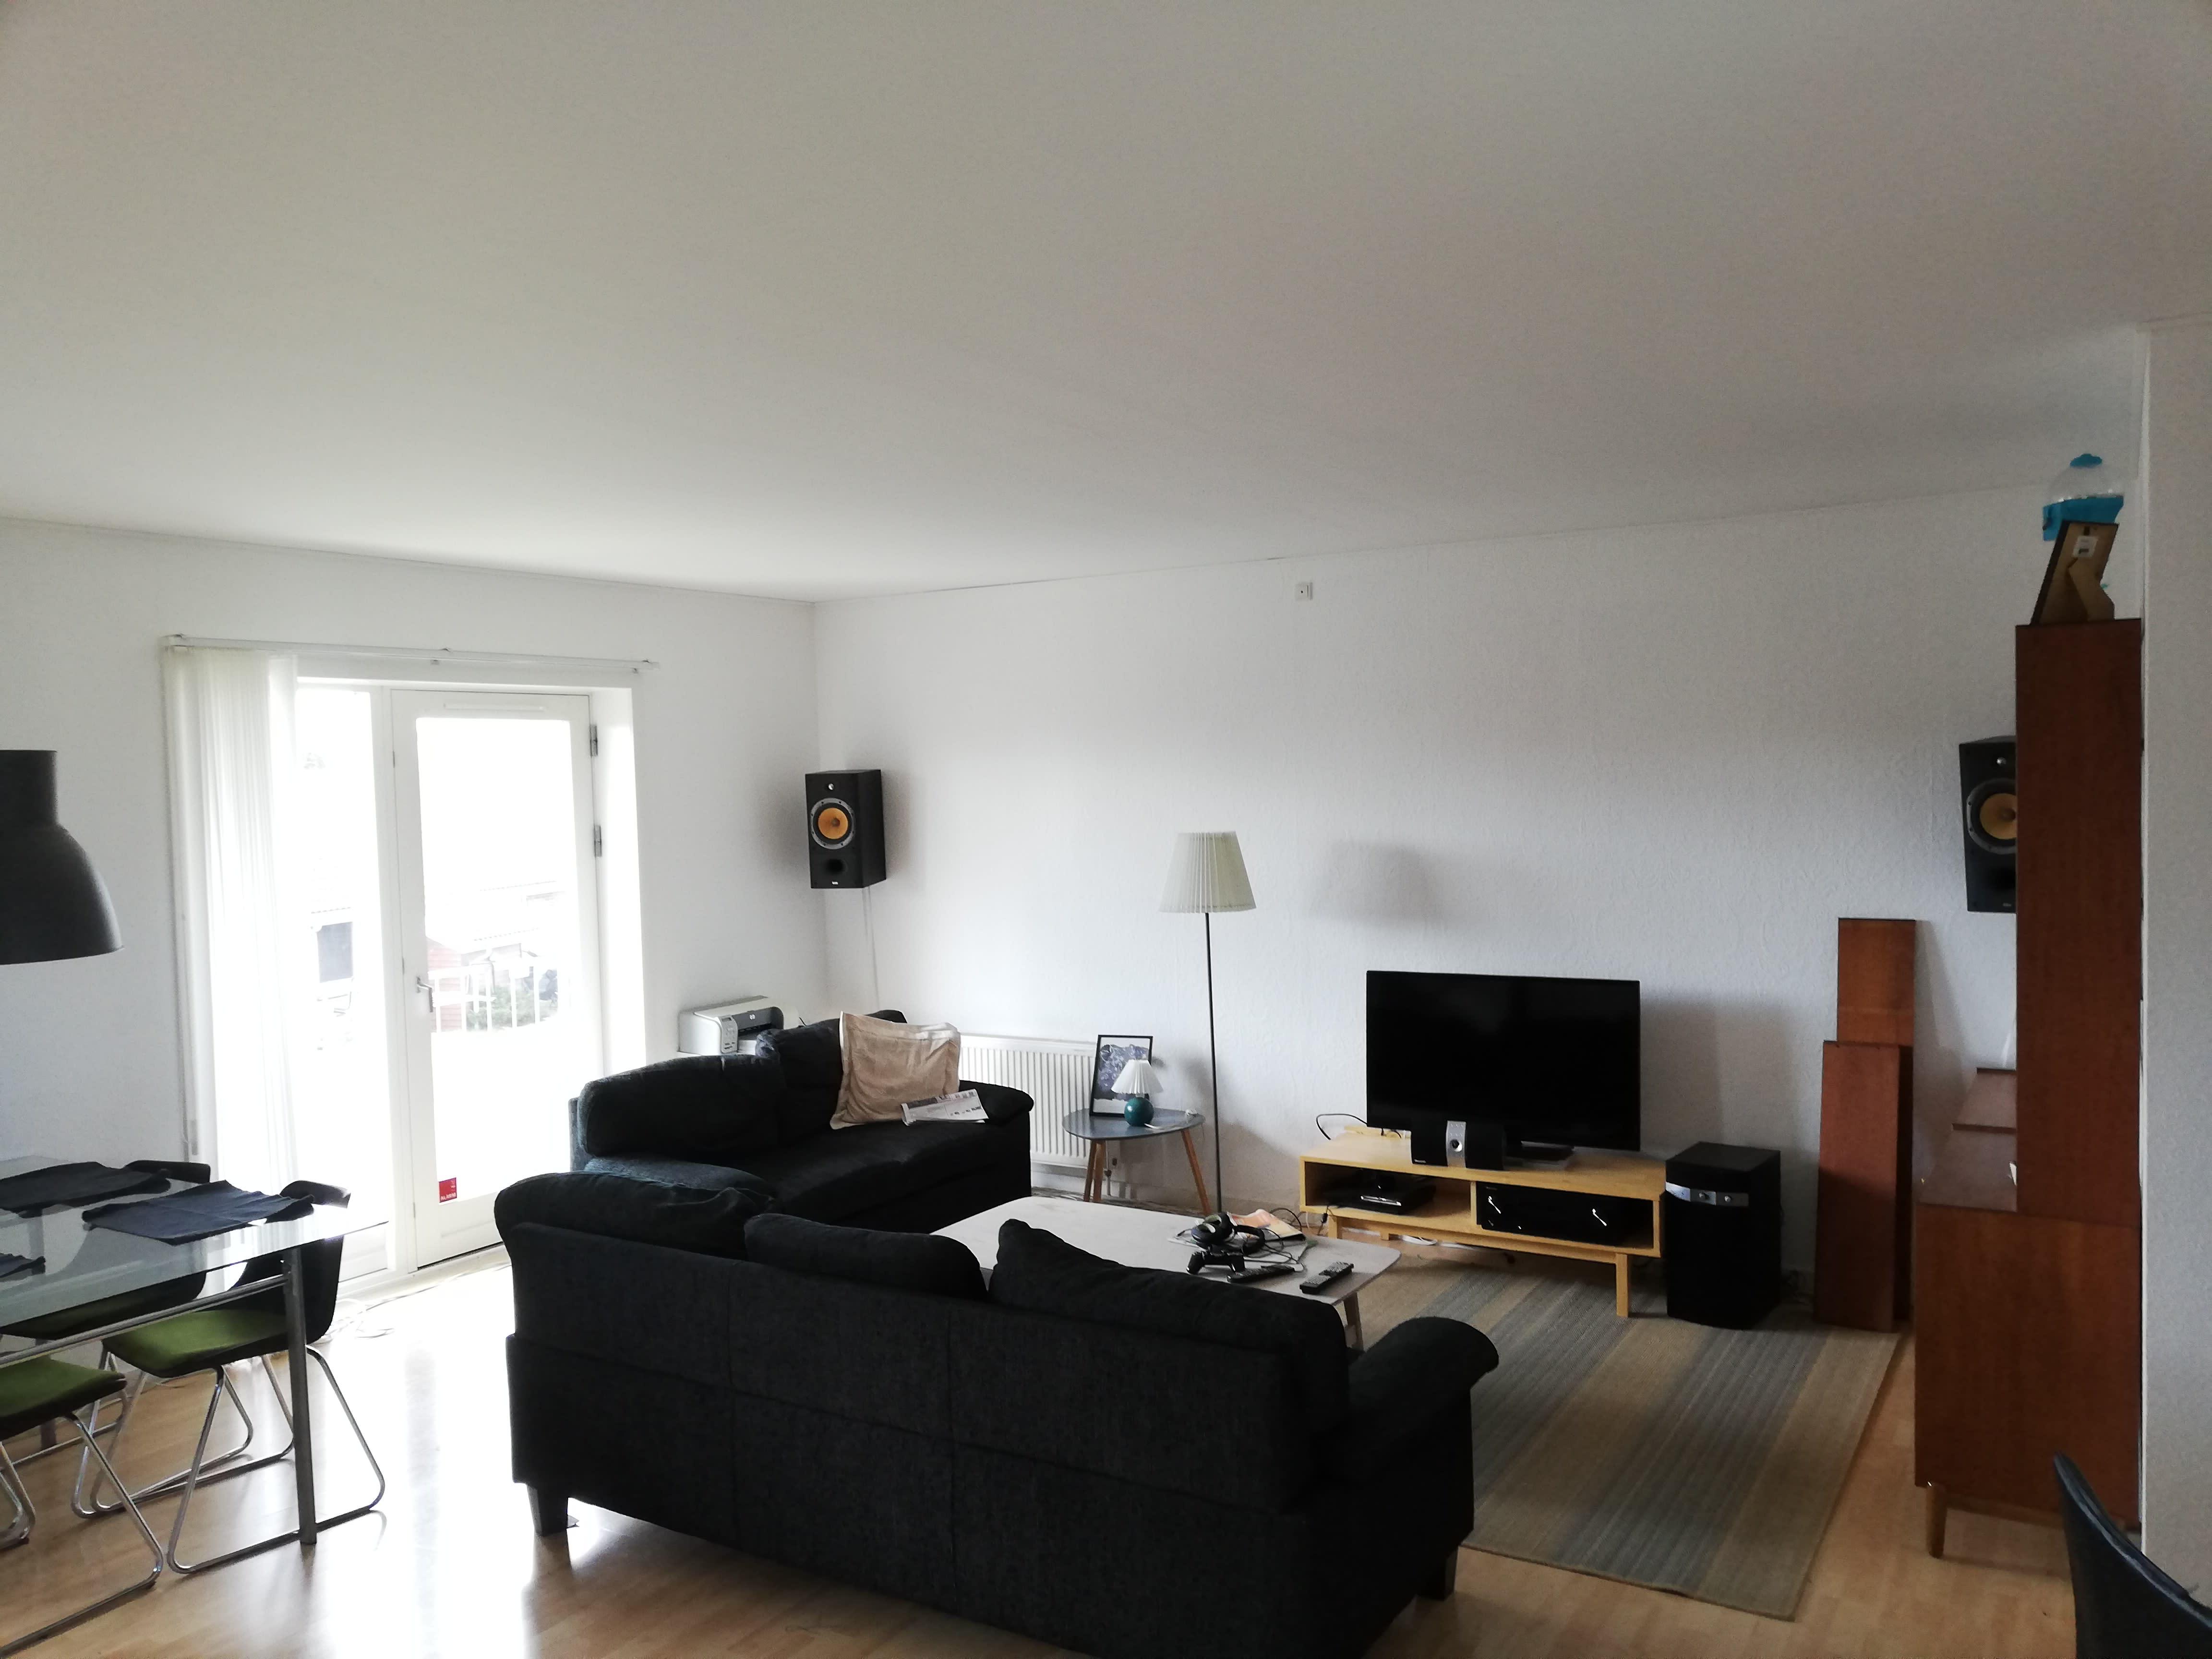 Søger en roomie til en super fin 3 værelses lejlighed